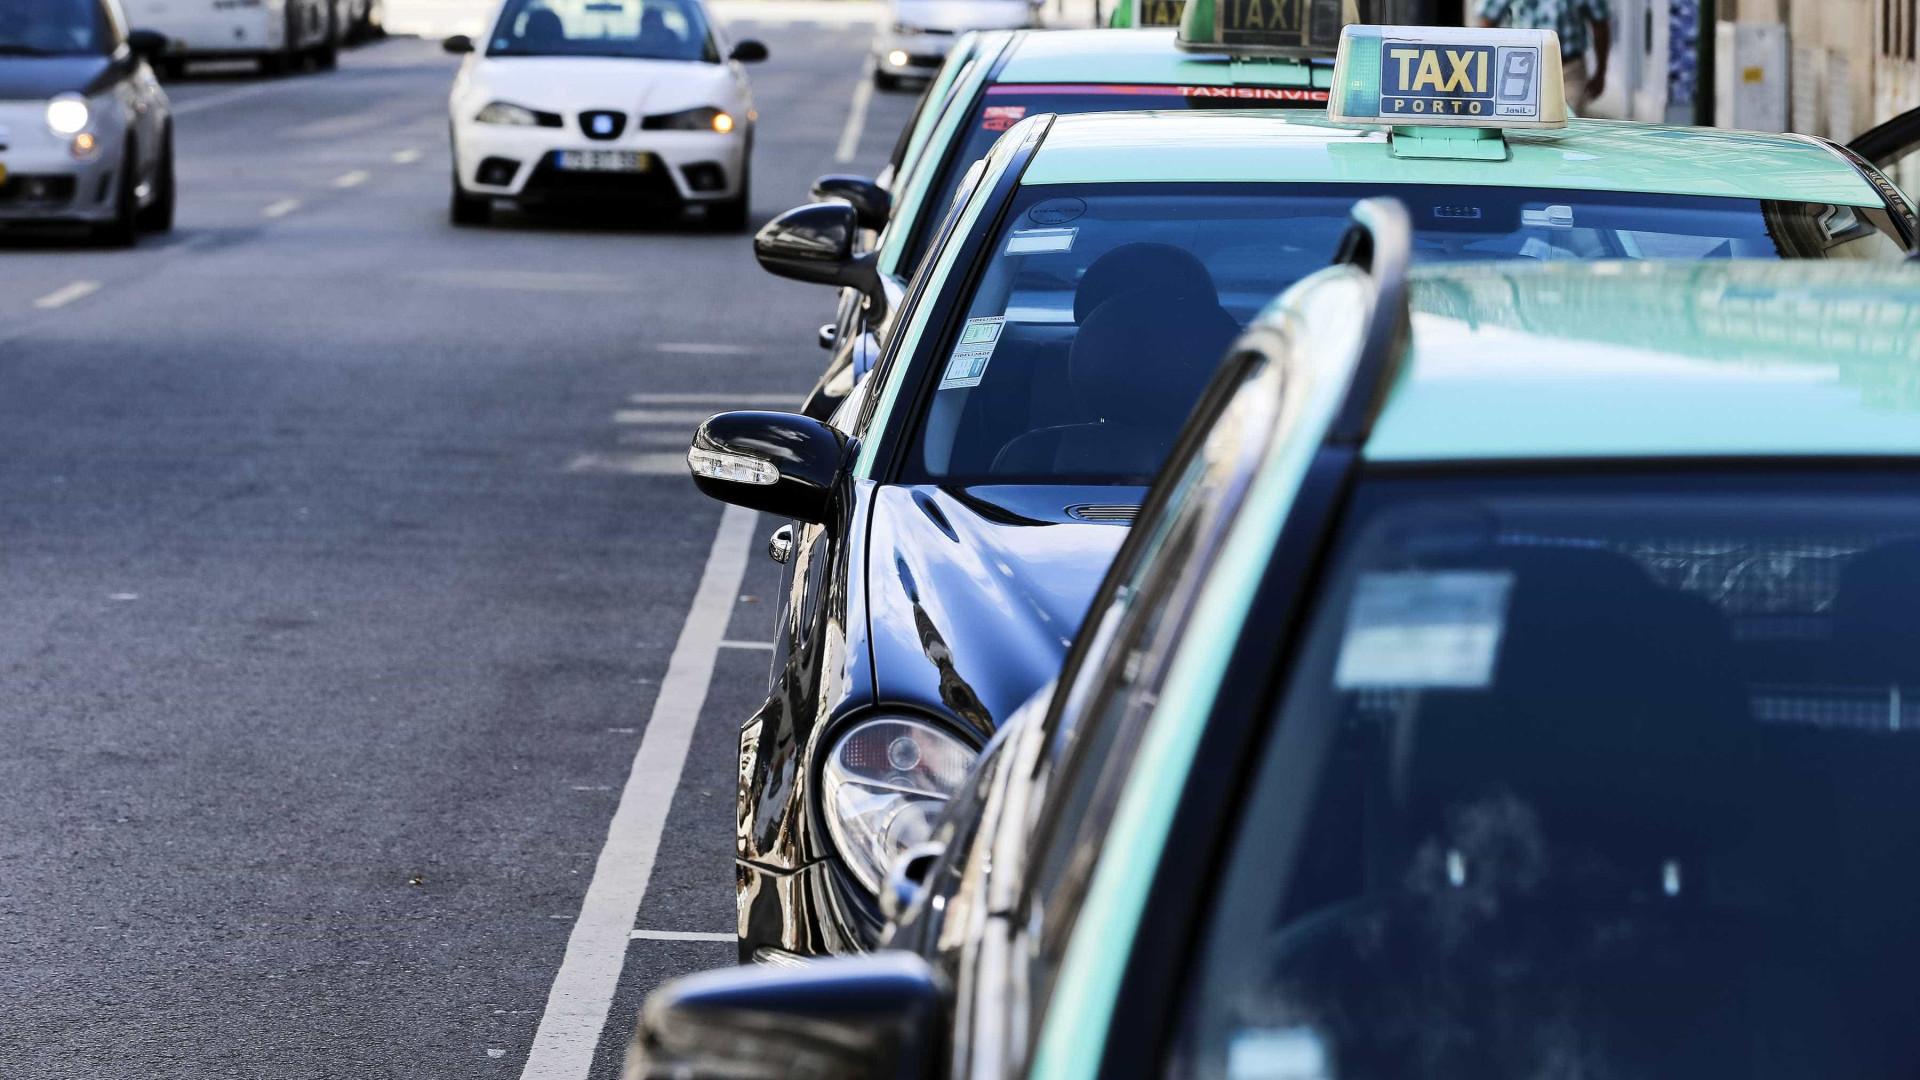 Taxista agredido a murro em tentativa de assalto no Porto